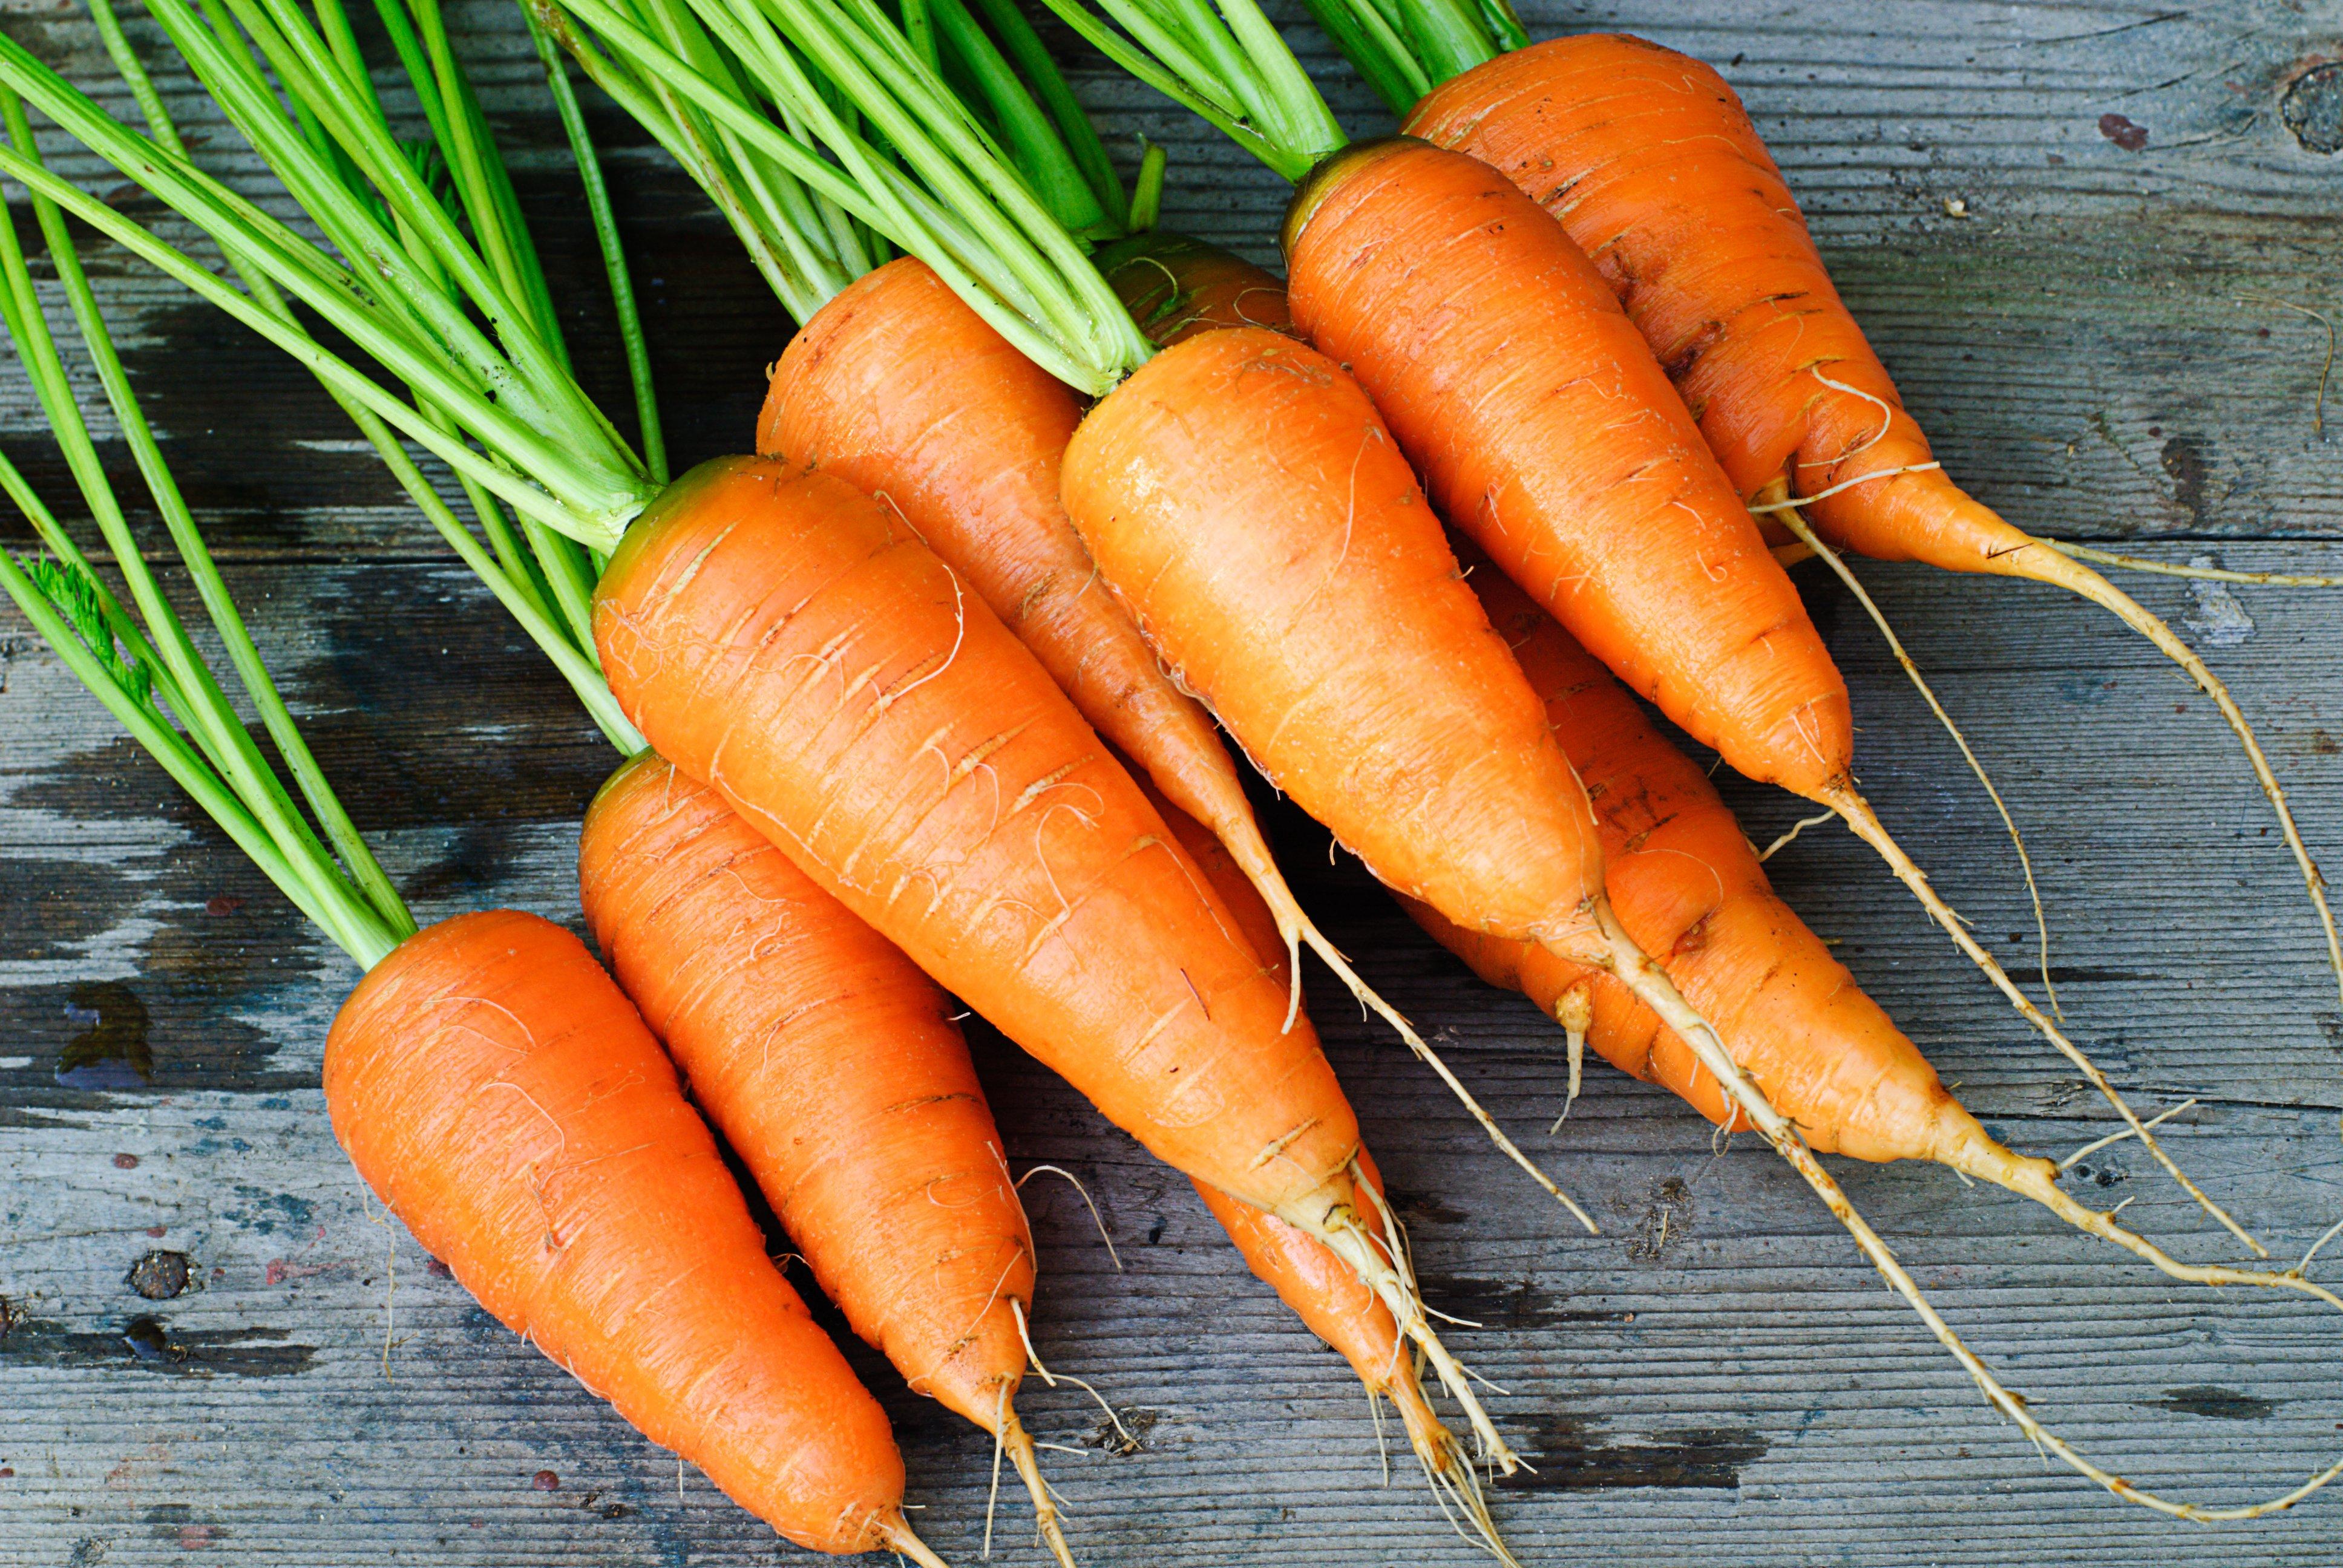 Carrot sorting